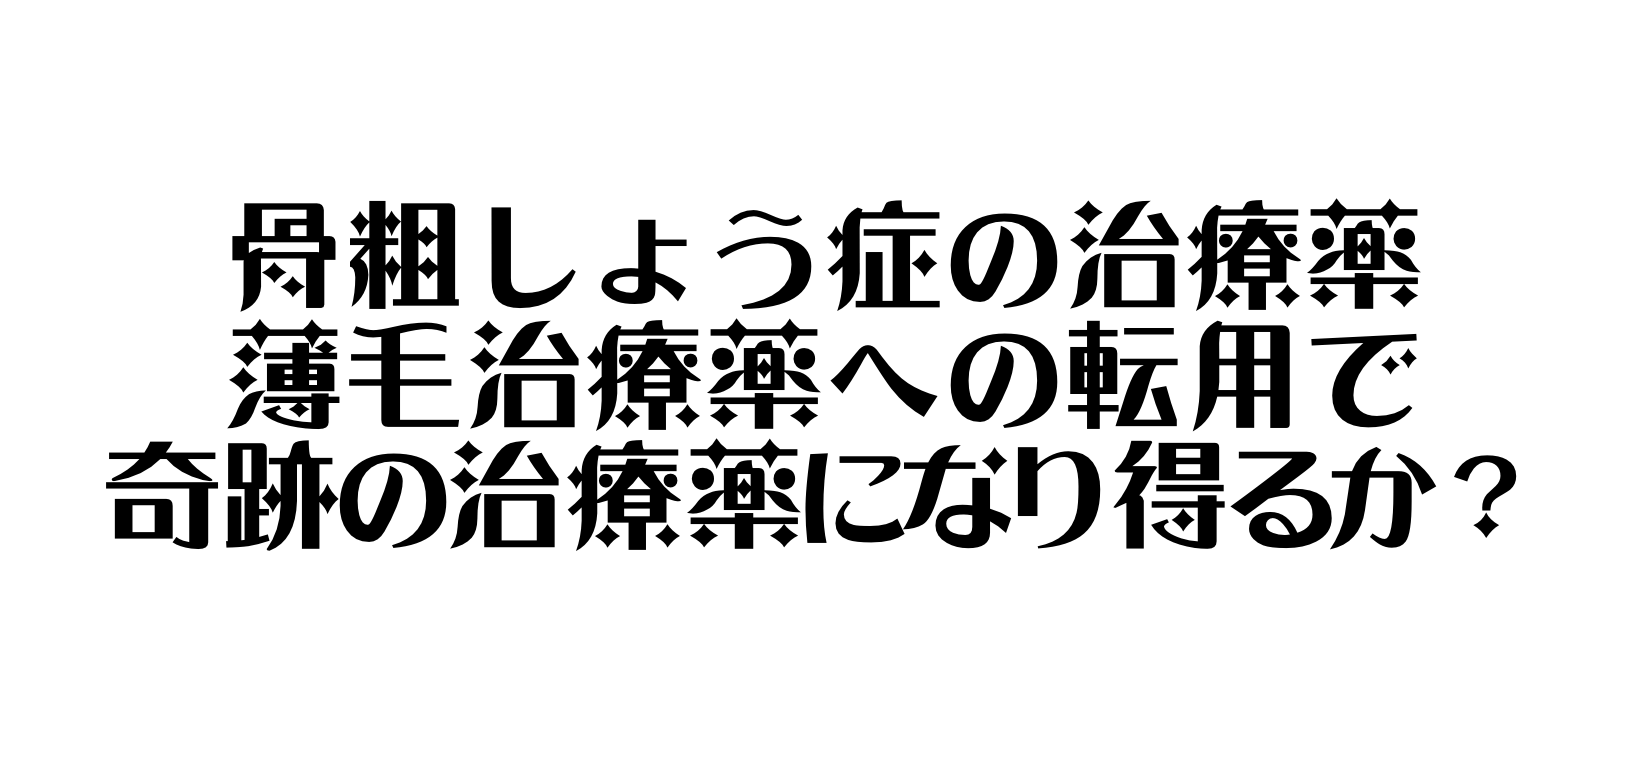 スクリーンショット 2020-05-05 19.43.57